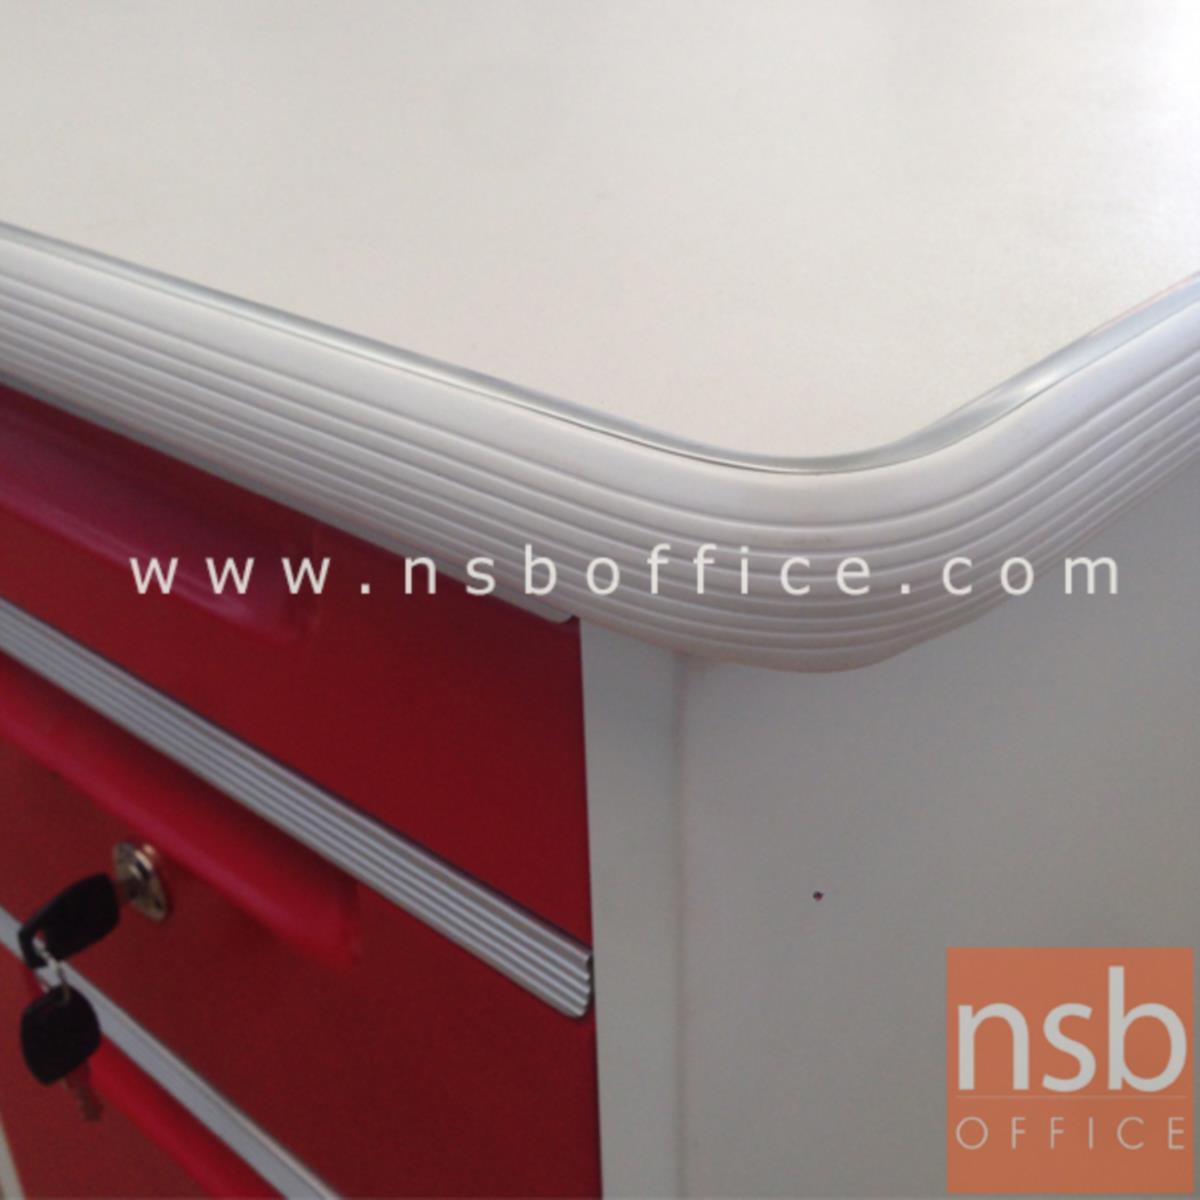 โต๊ะทำงานเหล็กสีสัน 4 ลิ้นชัก  รุ่น OD-40,OD-35 ขนาด 3.5 ฟุต, 4 ฟุต